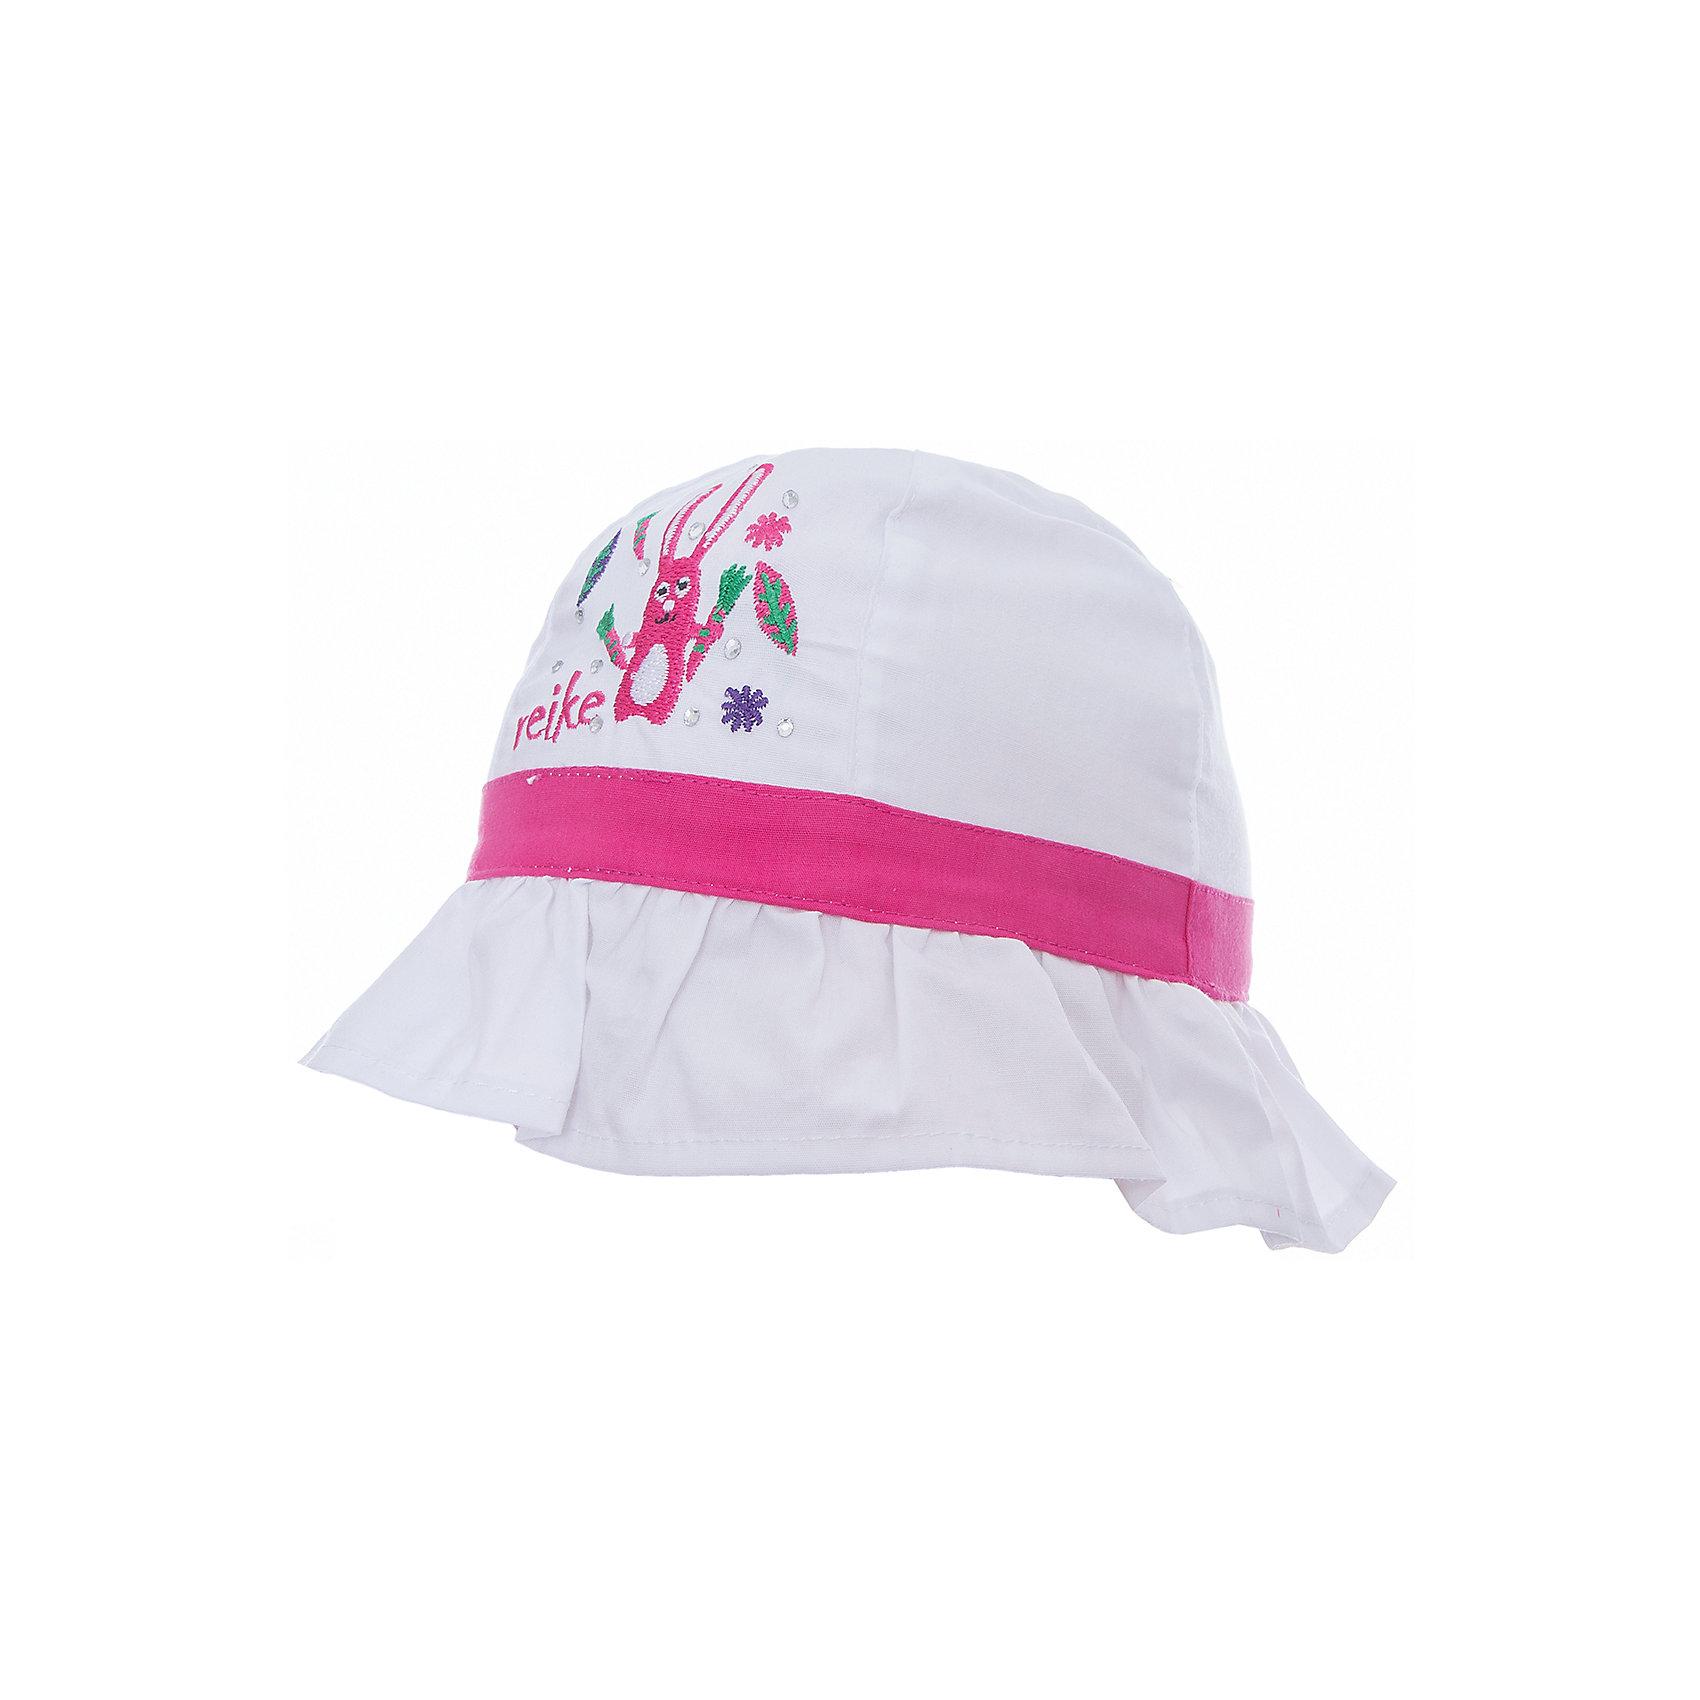 Панама Reike для девочкиШапки и шарфы<br>Характеристики товара:<br><br>• цвет: белый<br>• состав: 100% хлопок<br>• декорирована вышивкой и стразами<br>• мягкий материал<br>• страна бренда: Финляндия<br><br>Новая коллекция от известного финского производителя Reike отличается ярким дизайном, продуманностью и комфортом! Эта модель разработана специально для детей - она учитывает особенности их физиологии, а также новые тенденции в европейской моде. Стильная и удобная вещь!<br><br>Панаму для девочки от популярного бренда Reike можно купить в нашем интернет-магазине.<br><br>Ширина мм: 89<br>Глубина мм: 117<br>Высота мм: 44<br>Вес г: 155<br>Цвет: белый<br>Возраст от месяцев: 24<br>Возраст до месяцев: 36<br>Пол: Женский<br>Возраст: Детский<br>Размер: 50,46,48<br>SKU: 5430544